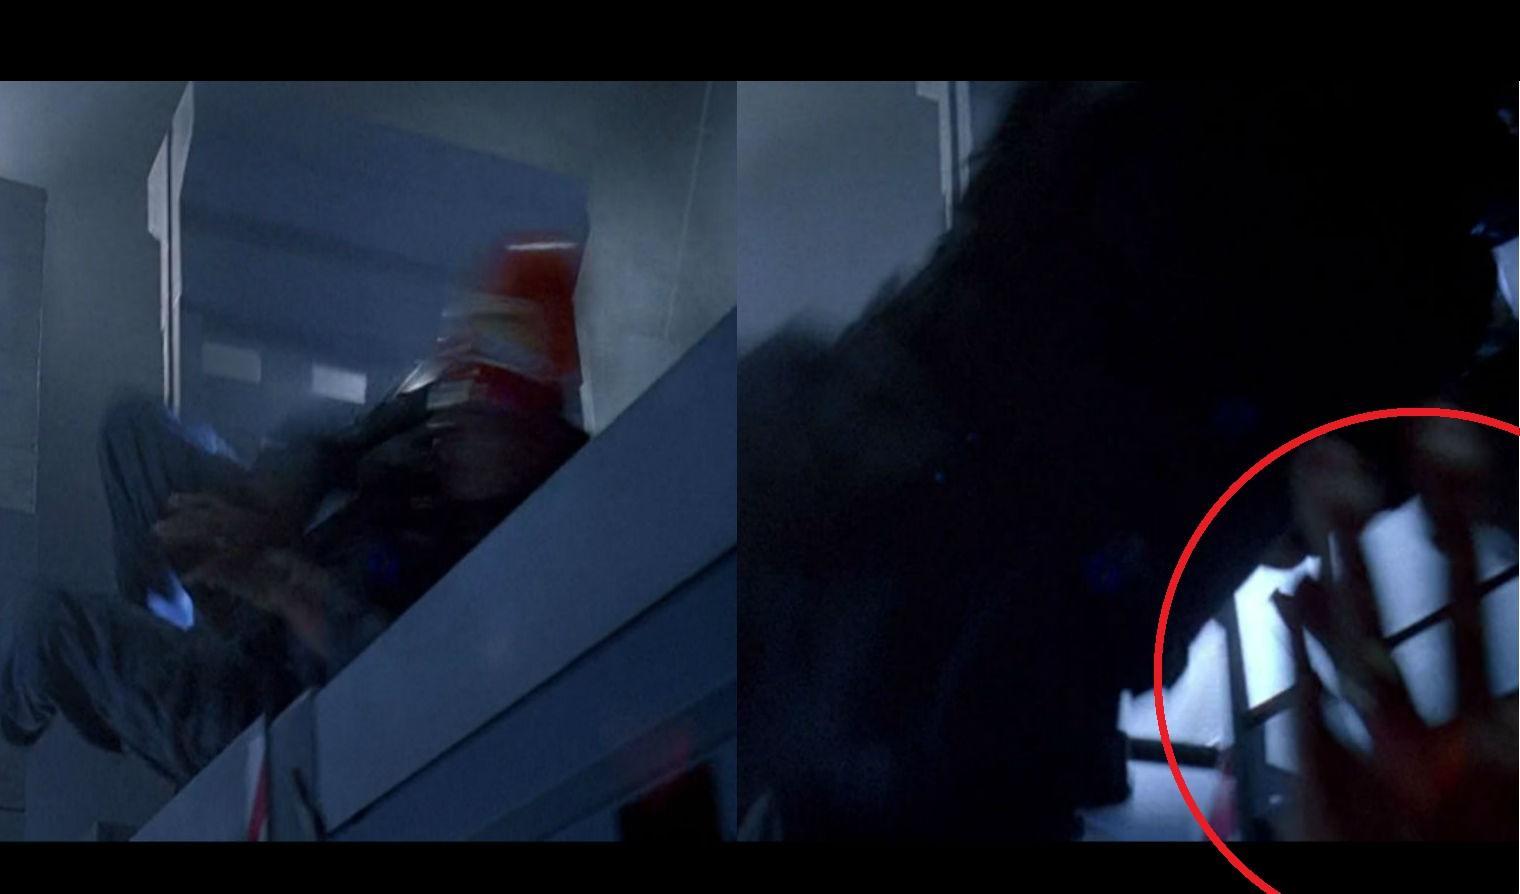 A nyitó jelenetben a velociraptor megérkezik egy konténerben. Egyből neki is rohan az ajtónak, ahogy kinyílik, és a földre löki Jophry-t. Fel is tűnik gyorsan két kéz, hogy megmentse őt, na és a kamerát! (Universal Pictures)